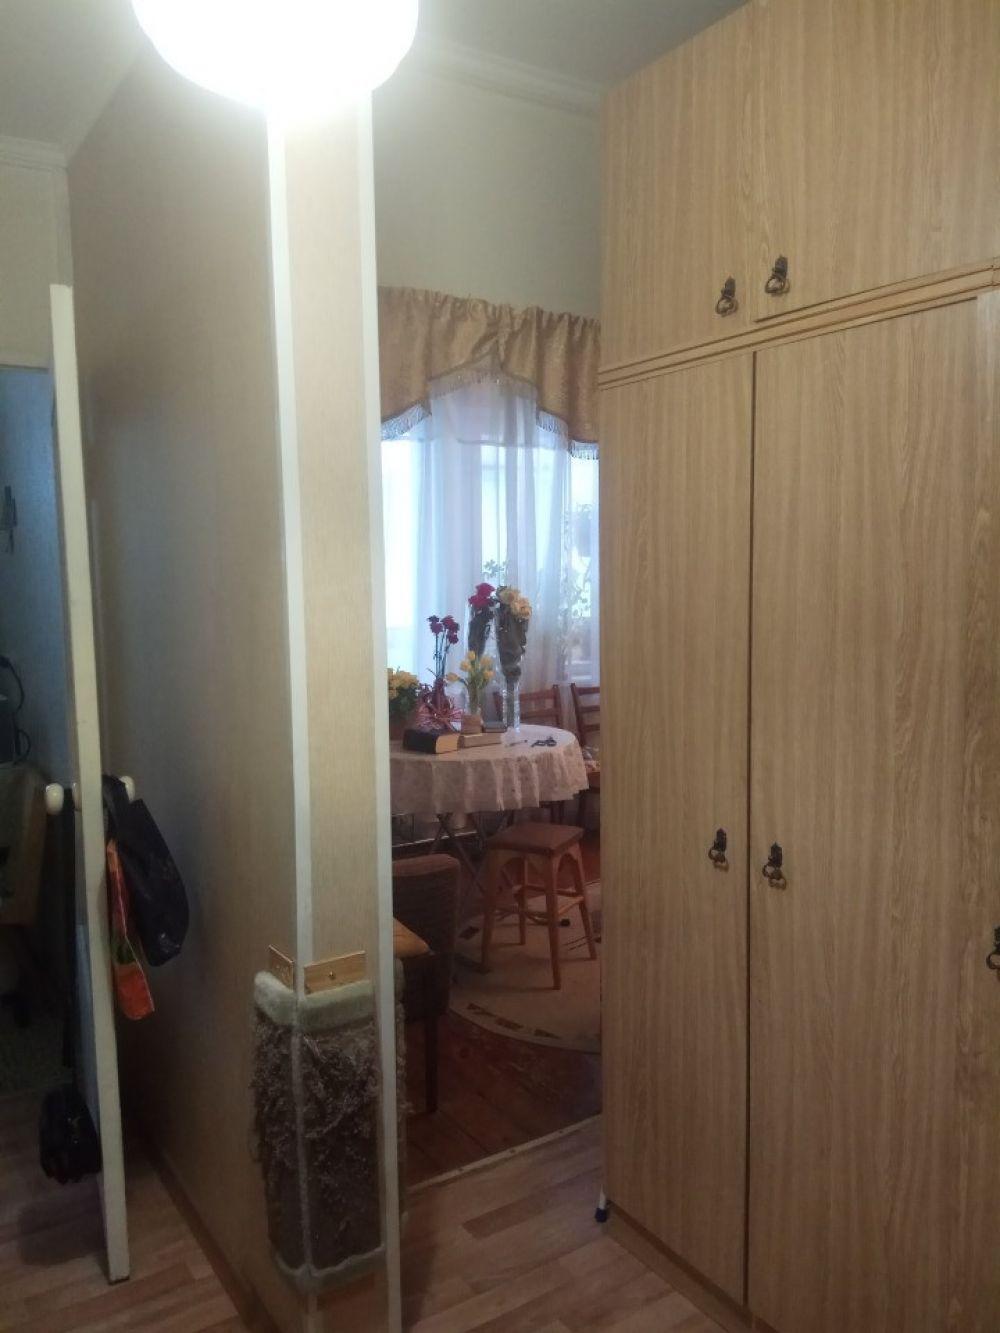 Однокомнатная квартира Московская область г. Королев ул. Пушкинская д. 8., фото 6